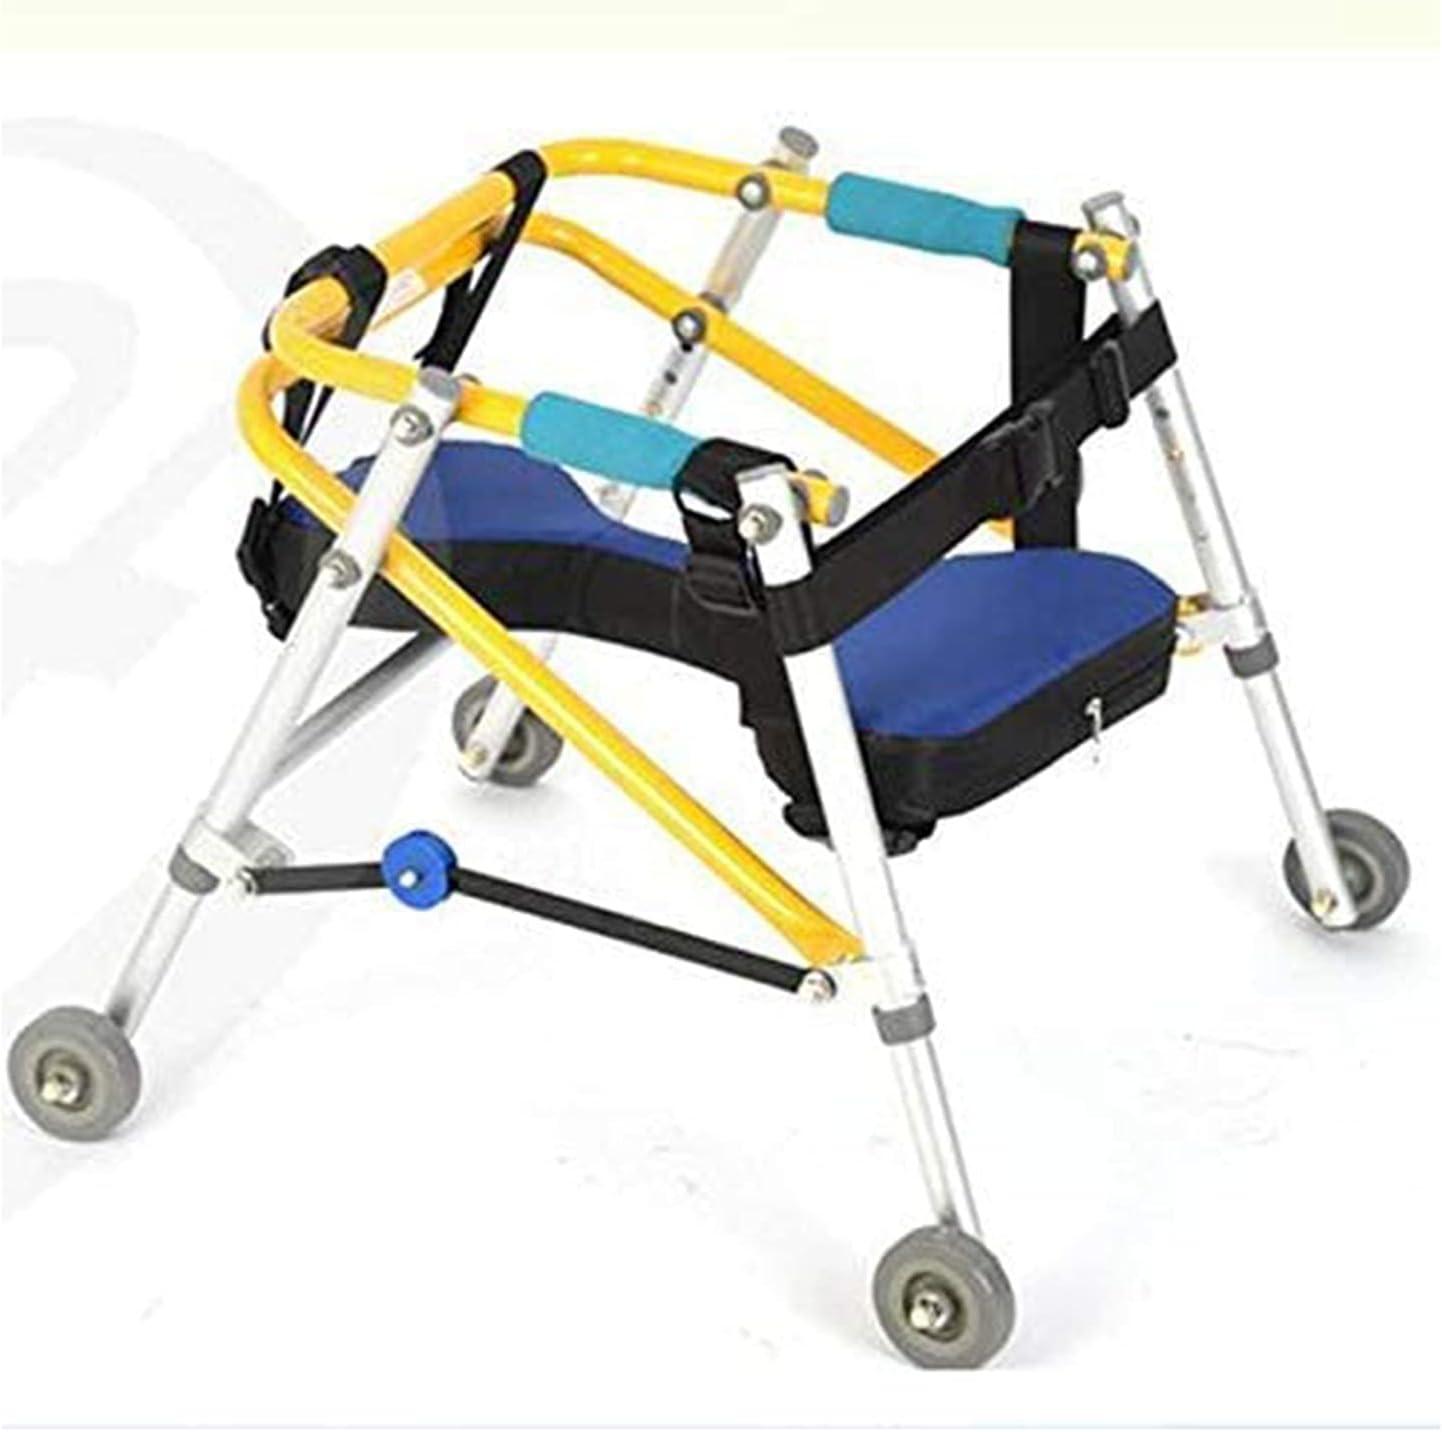 Walker para niños pediátricos con Ruedas, Andador para niños con ayudas para la rehabilitación de Miembros Inferiores, Soporte para Entrenamiento, Andador para parálisis Cerebral